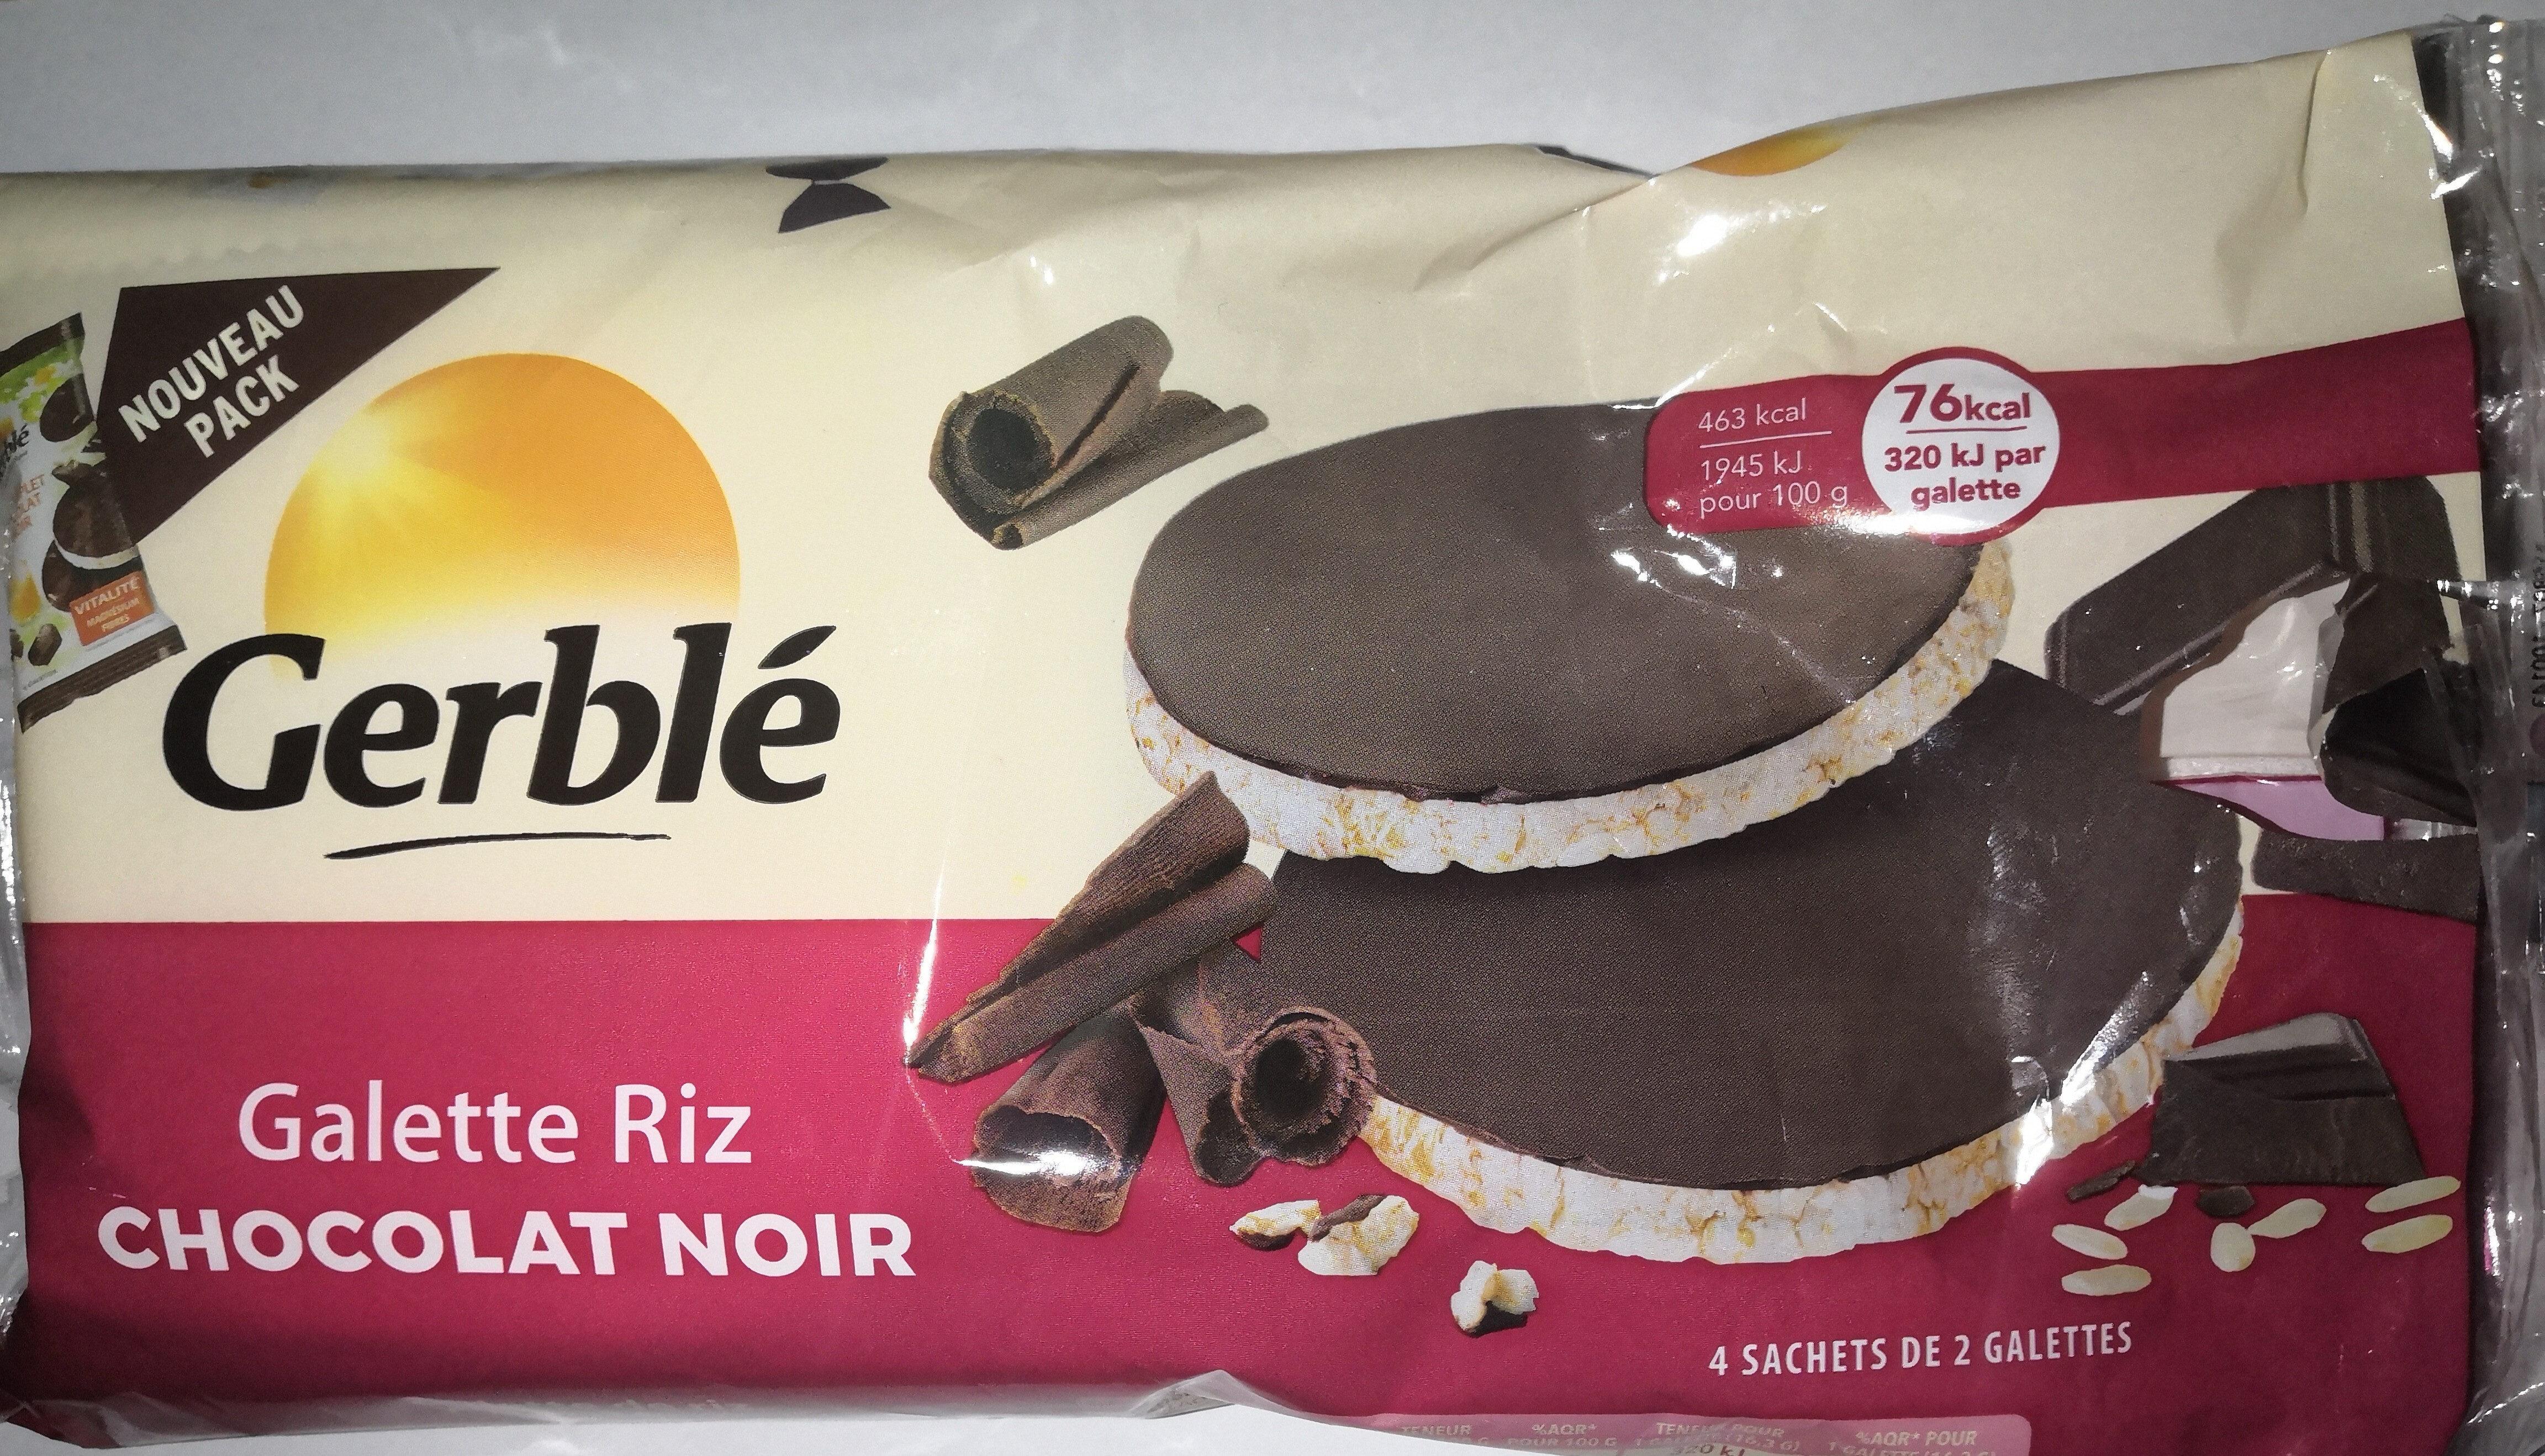 Galette riz Chocolat noir - Product - fr